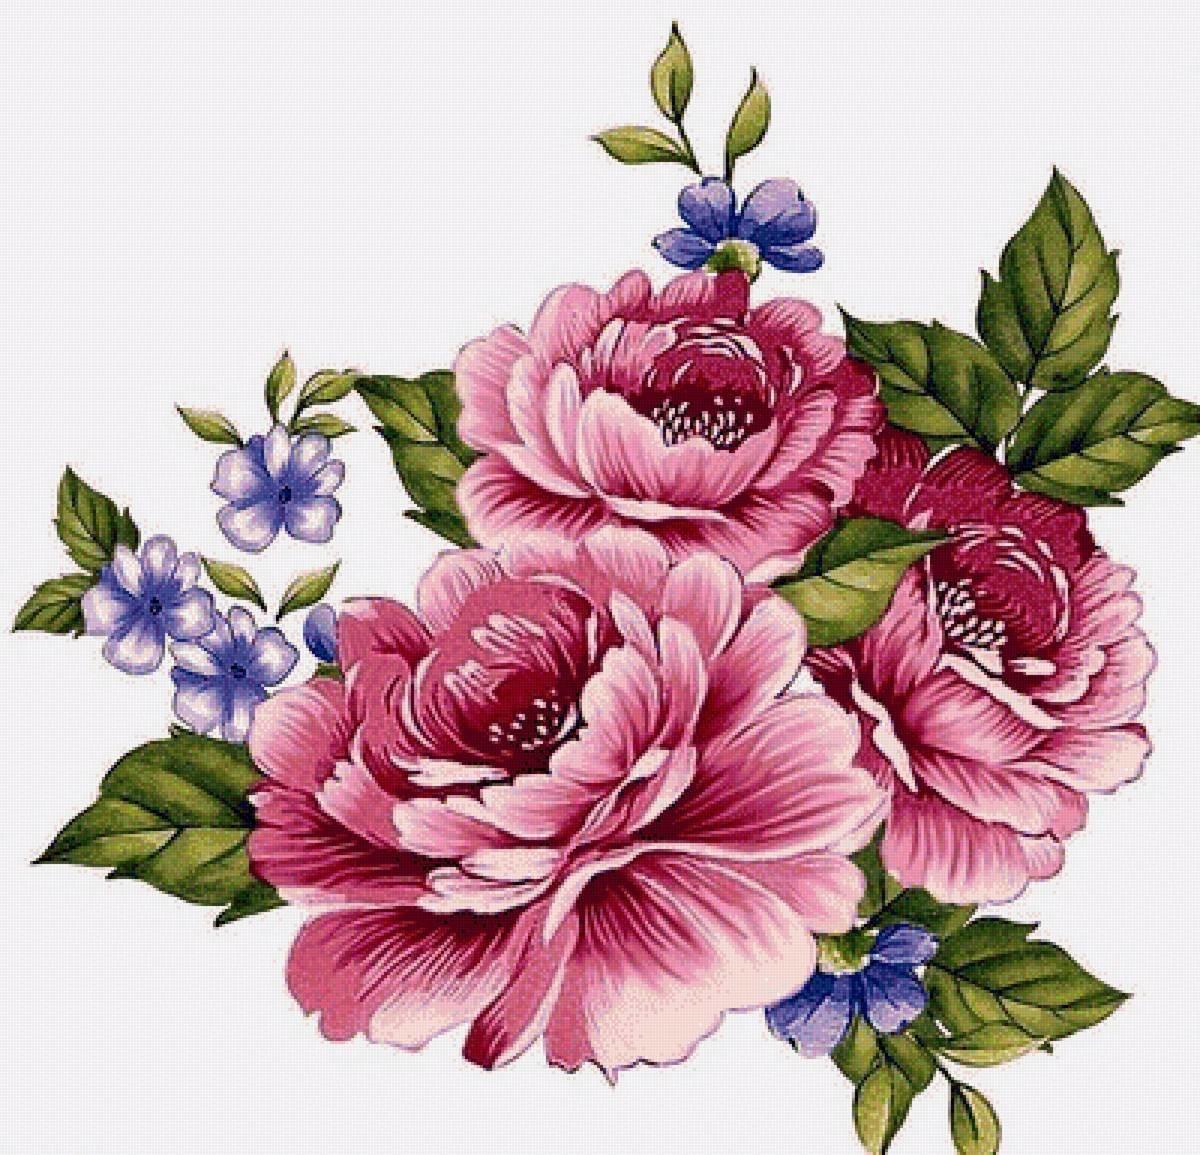 Картинки цветы красивые нарисованные, фотошоп лет